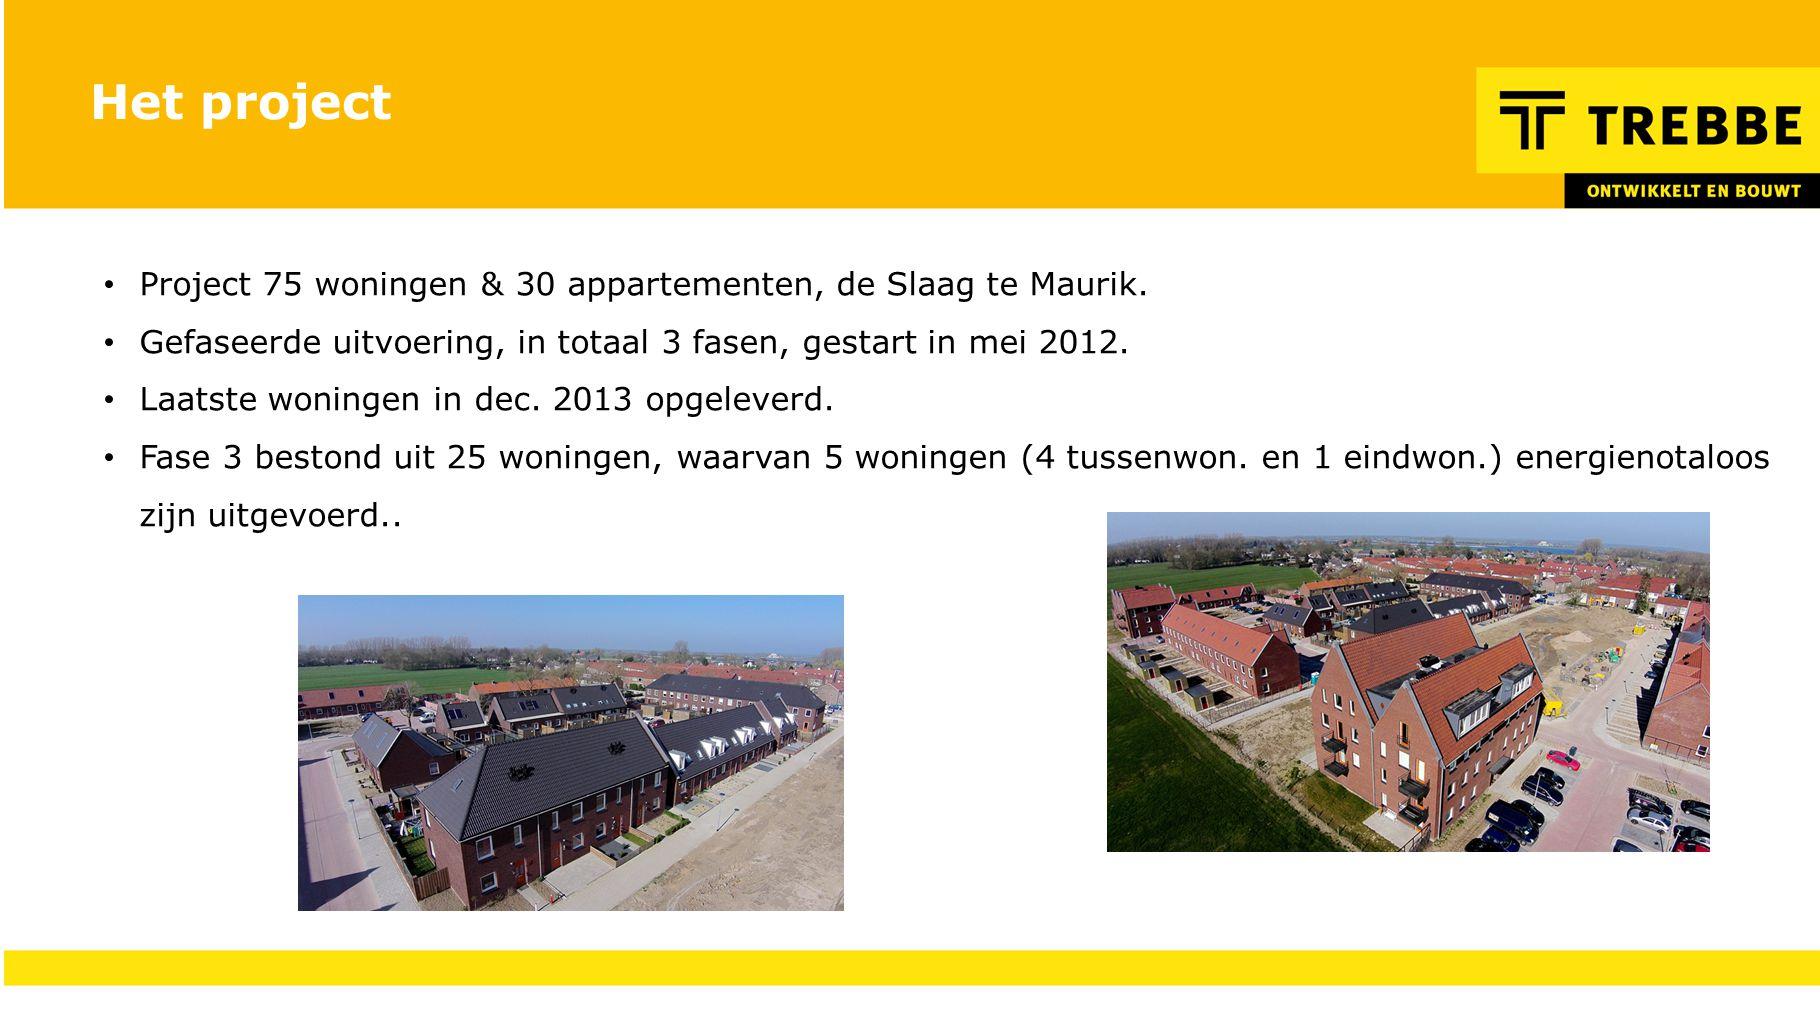 Het project Project 75 woningen & 30 appartementen, de Slaag te Maurik. Gefaseerde uitvoering, in totaal 3 fasen, gestart in mei 2012. Laatste woninge